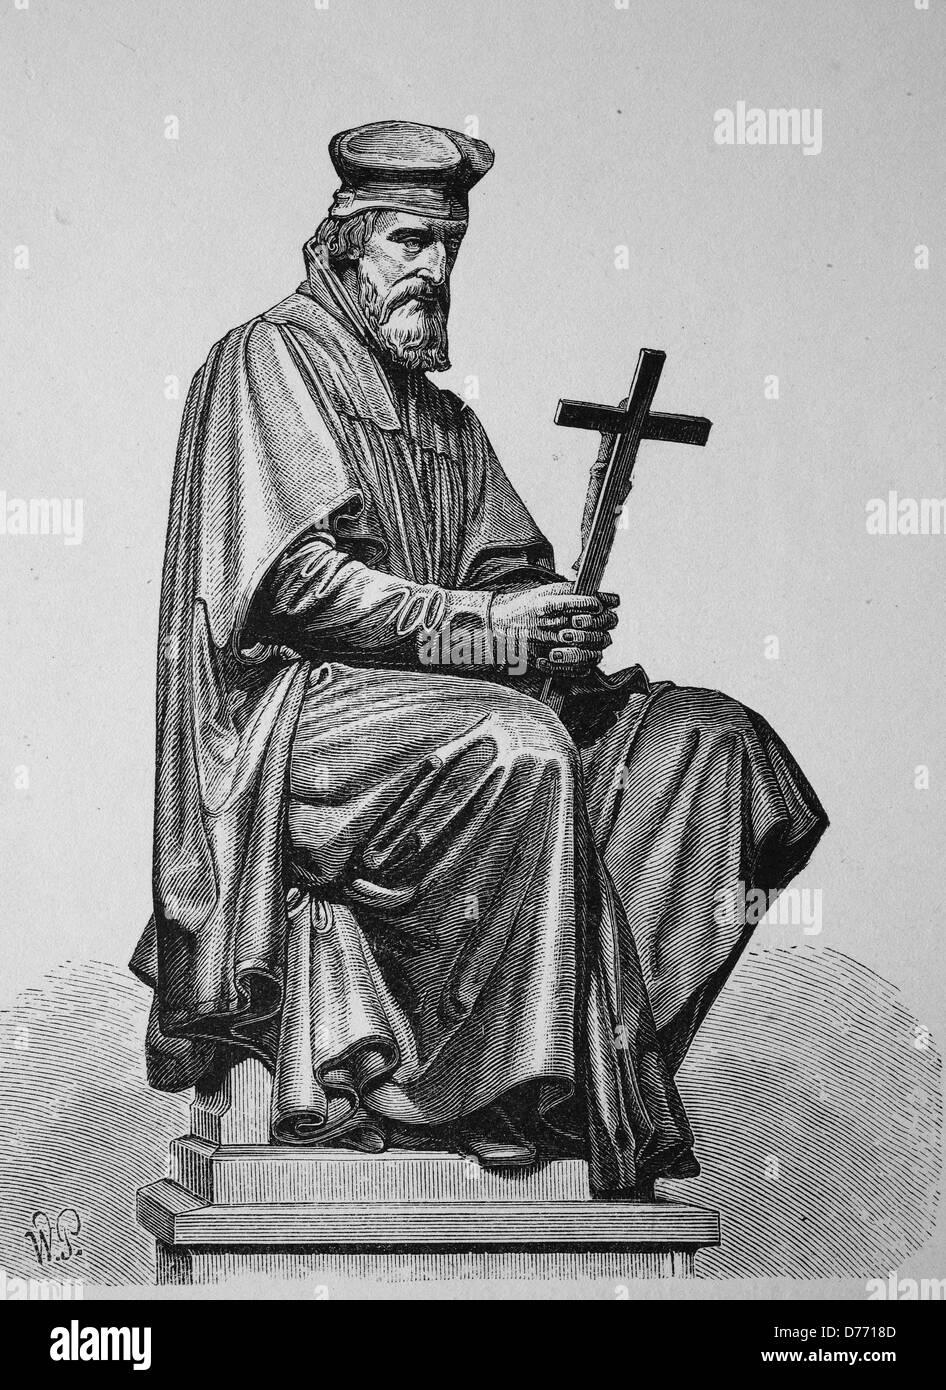 Jan Hus, John Huss, 1369 - 1415, Christian reformer, founder of the